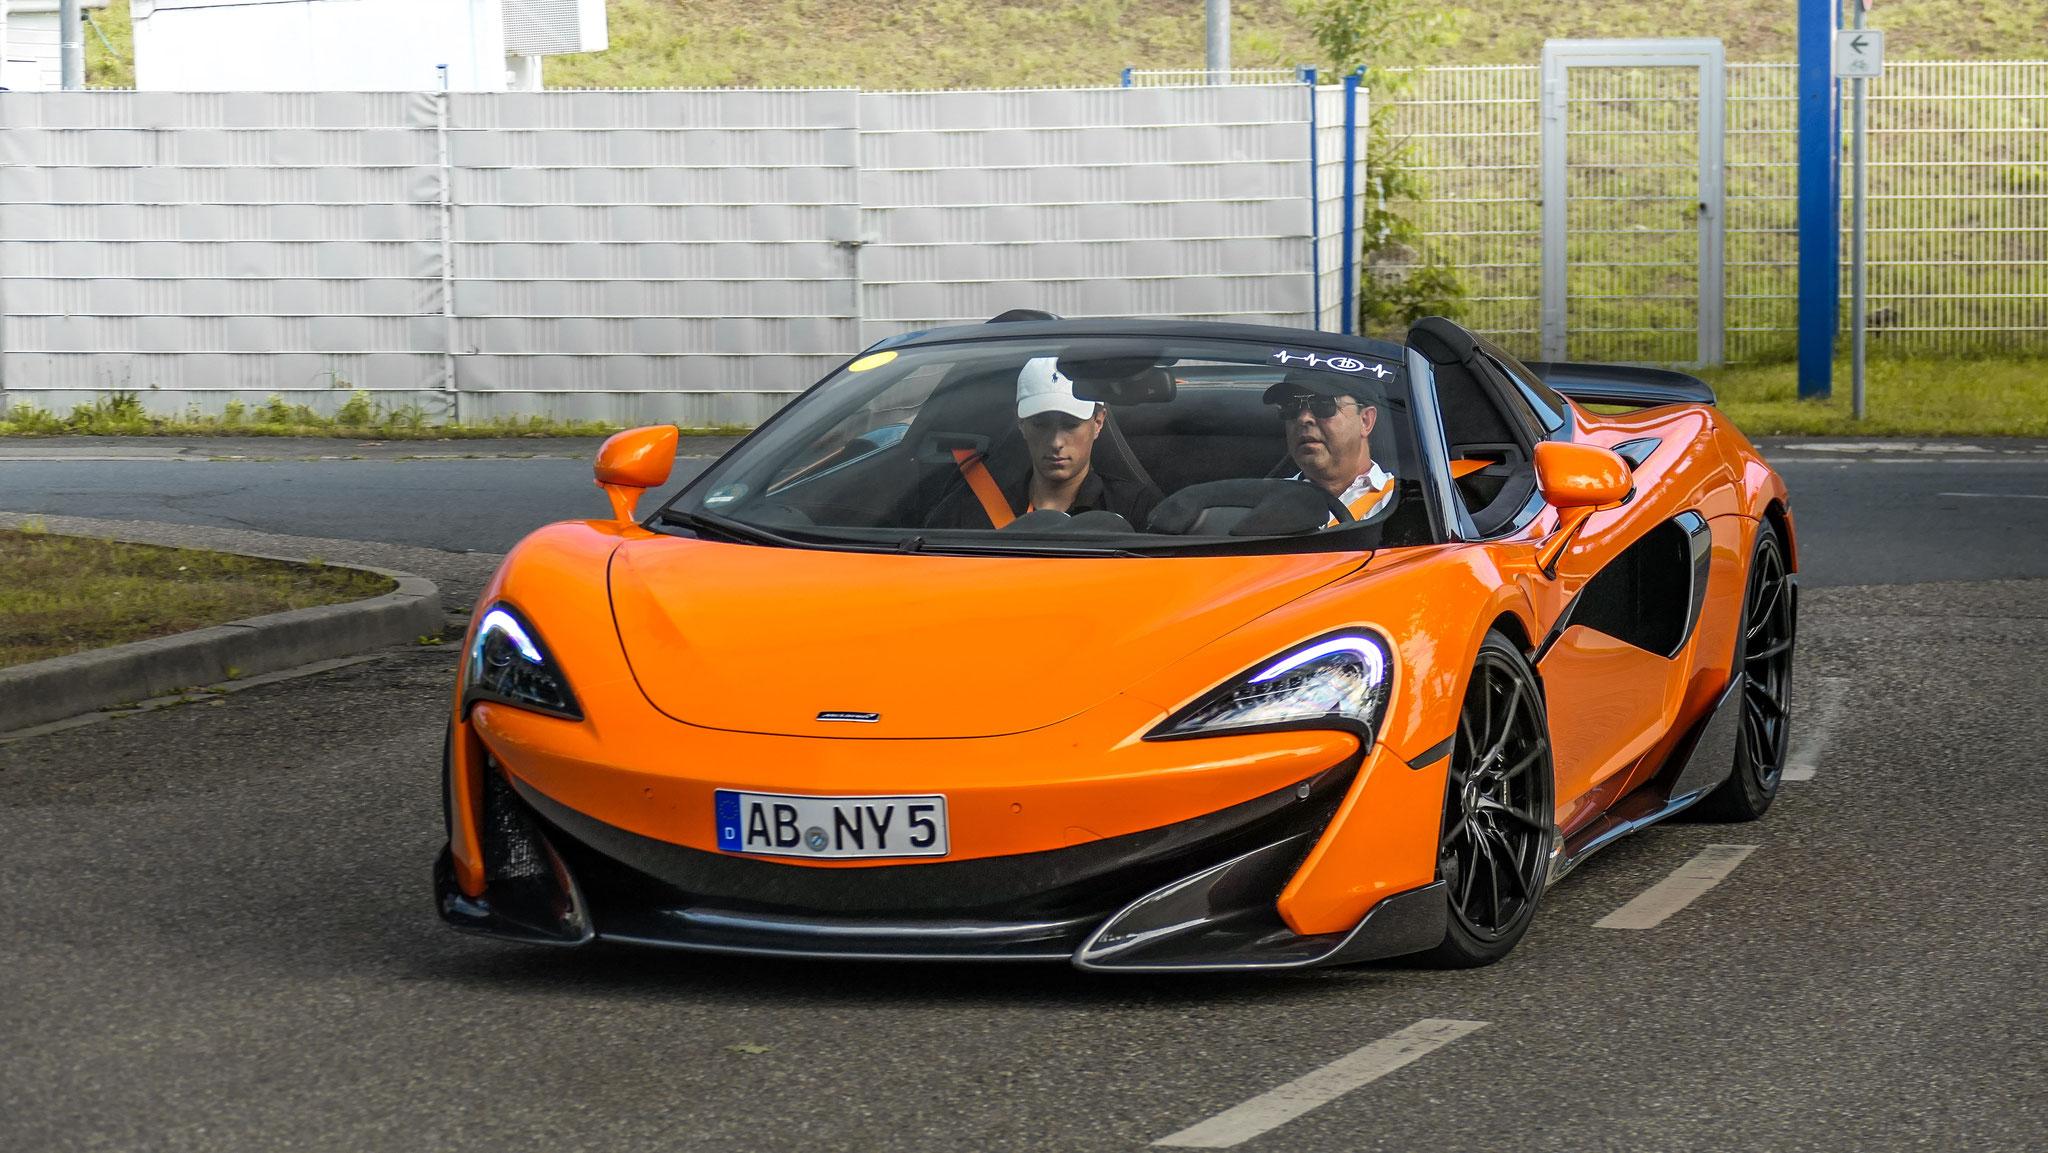 McLaren 600LT Spider - AB-NY-5